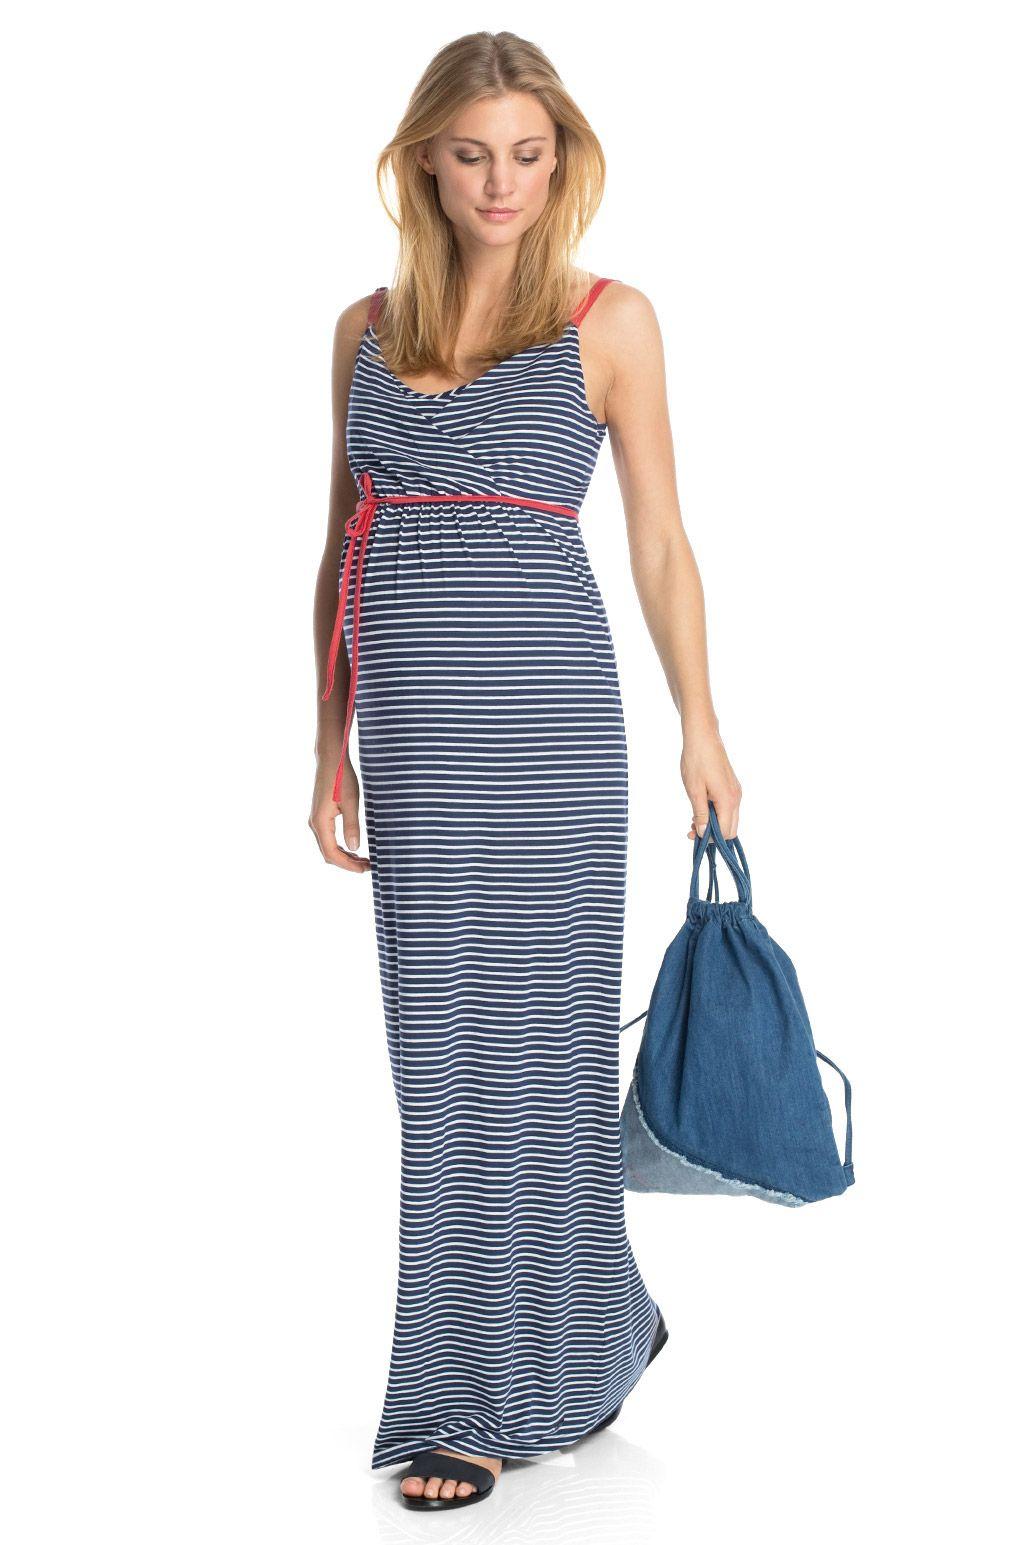 esprit robe longue en jersey stretch acheter sur la boutique en ligne quoi porter pour une. Black Bedroom Furniture Sets. Home Design Ideas